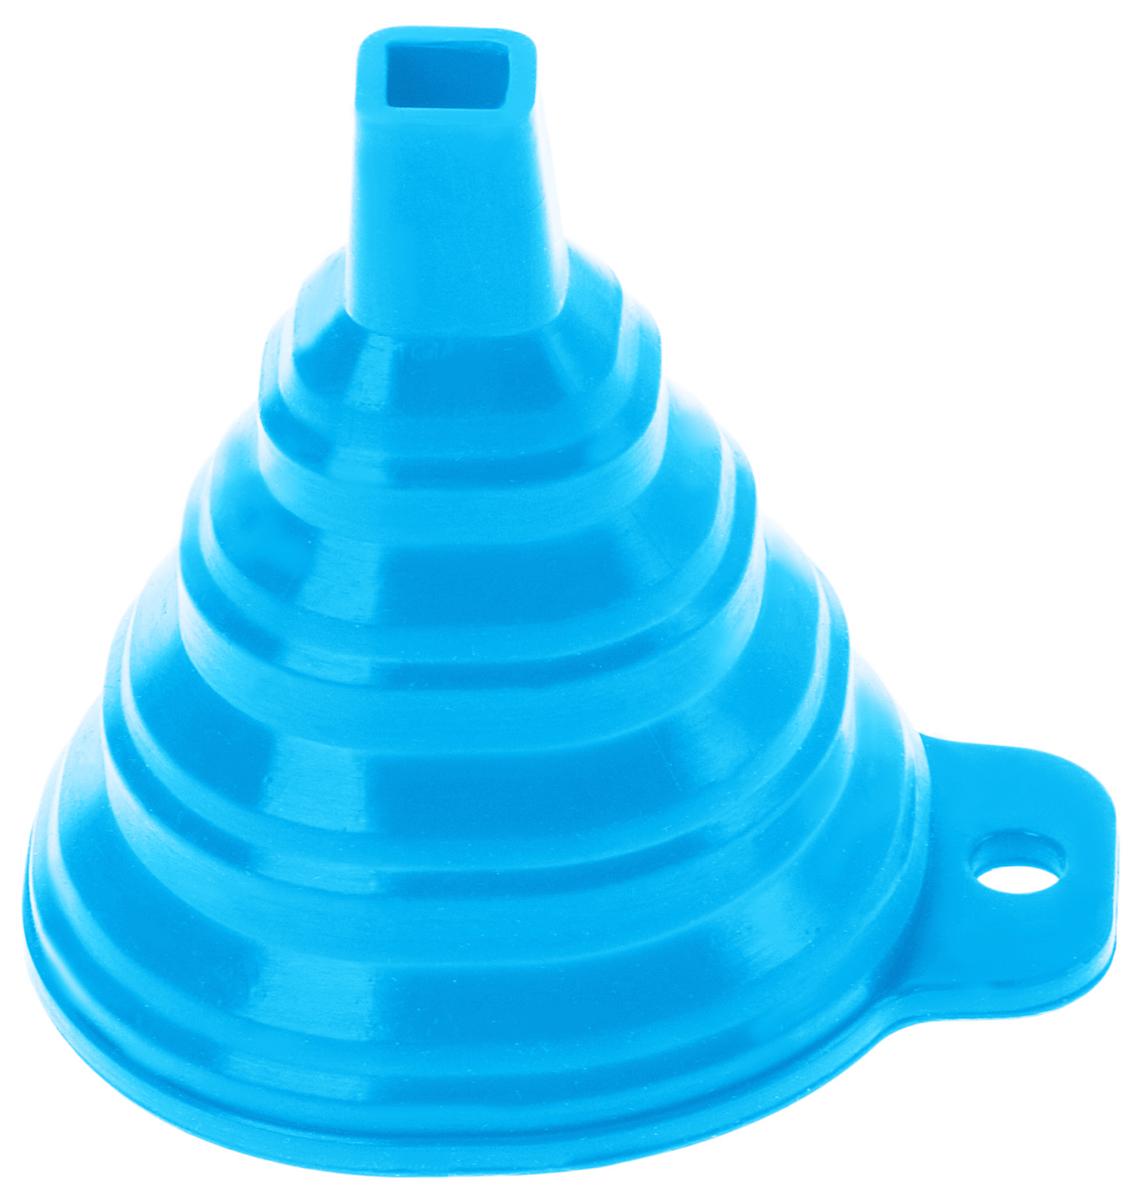 Воронка Доляна Квадро, складная, цвет: голубой, 7 х 7 х 9 см811938Складная воронка Доляна Квадро понадобится любой хозяйке. Выполнена из силикона. Материал позволяет варьировать размер слива в зависимости от диаметра горловины и условий хранения. Она проста в использовании.Размеры: 7 х 7 х 9 см.